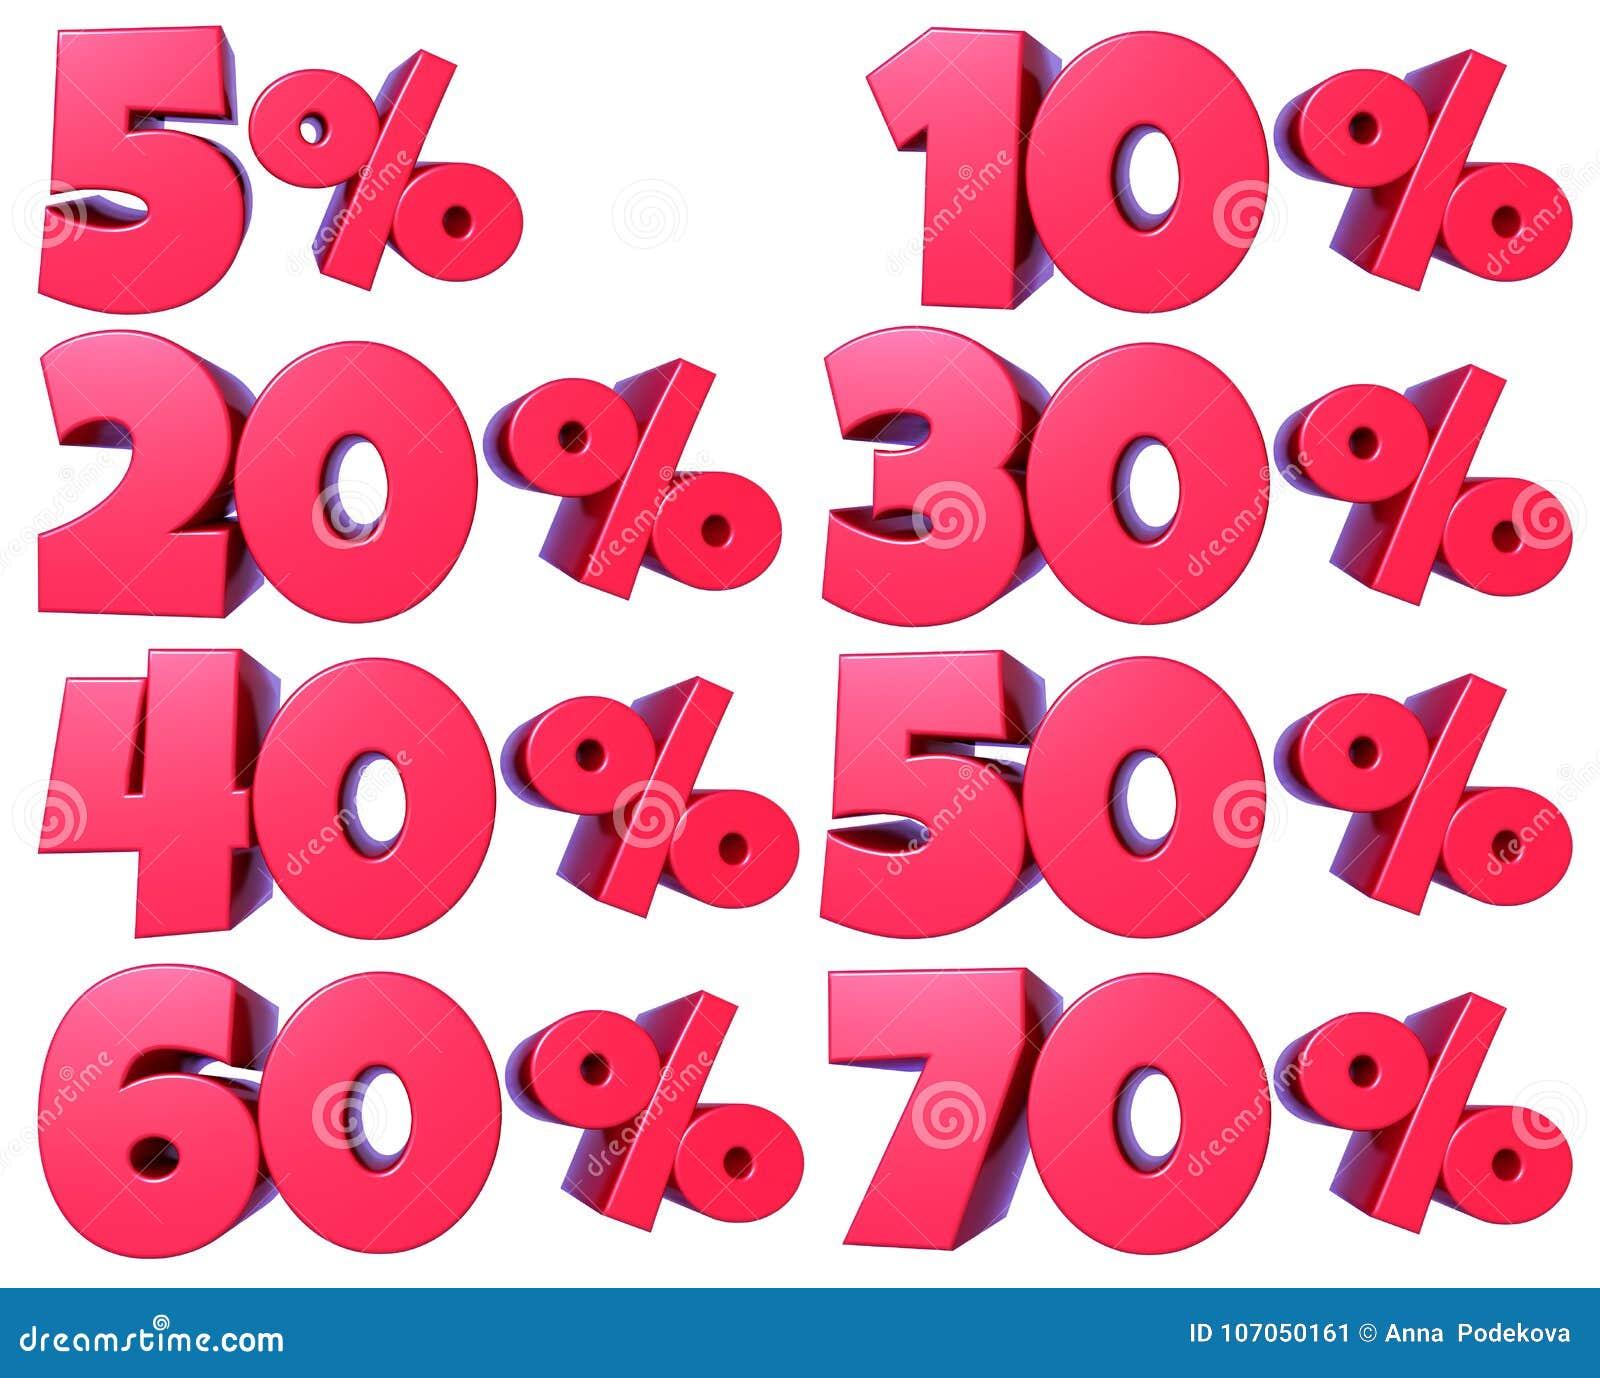 Αριθμοί ποσοστού στο κόκκινο για τις πωλήσεις έκπτωσης, για τα εμβλήματα και τις προθήκες, για τον Ιστό και την τυπωμένη ύλη, με